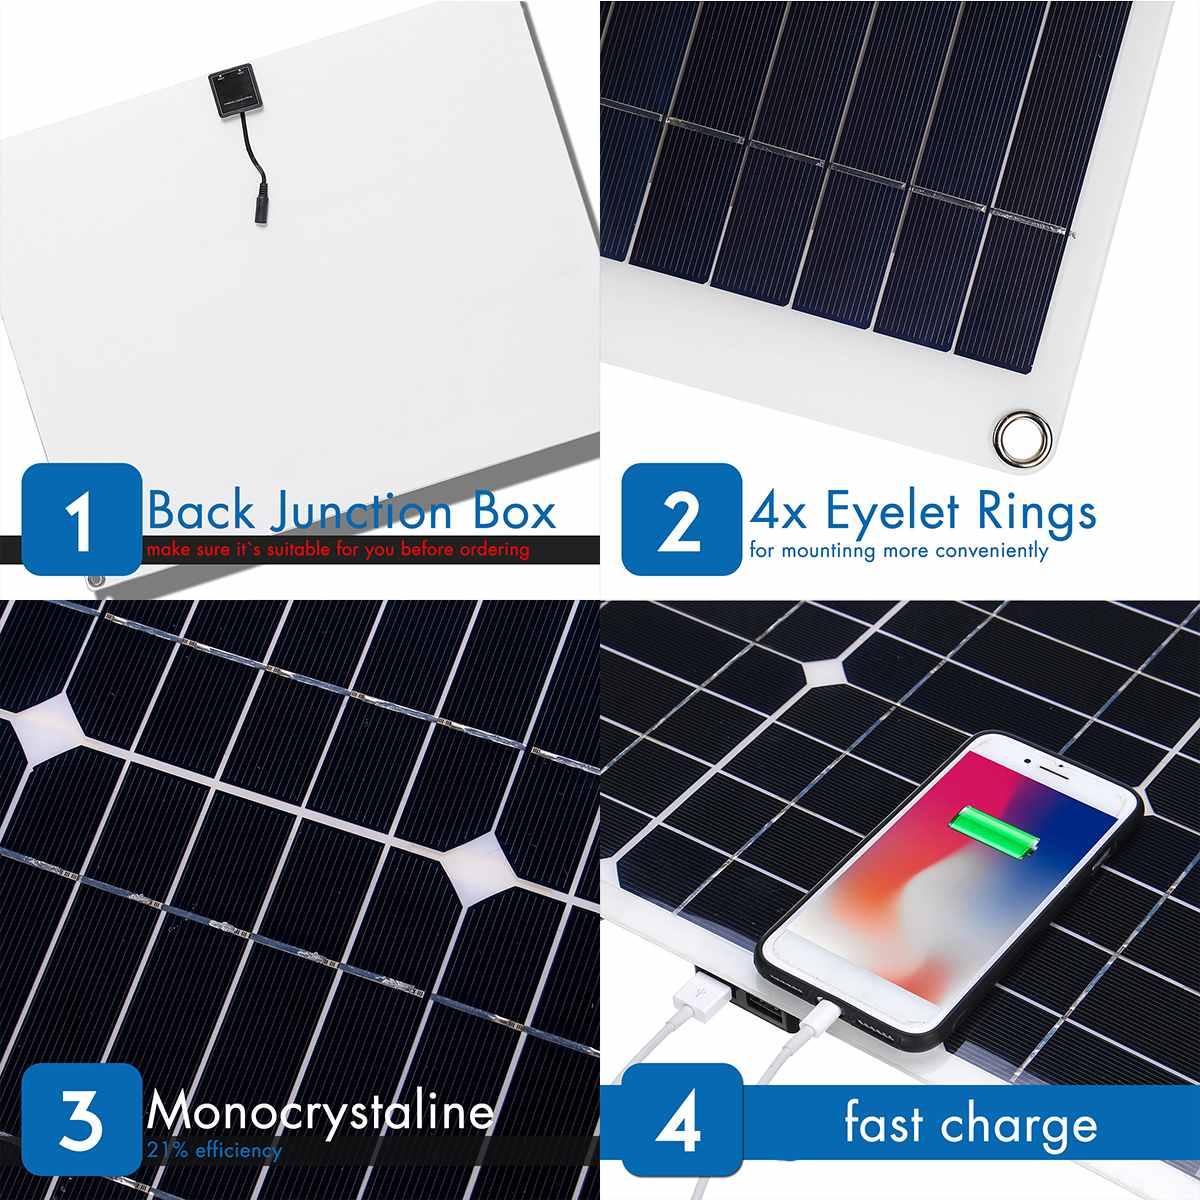 100W 18V Mono Solar Panel USB 12 V/5 V CC monocristalino Flexible Cargador Solar para coche RV barco cargador de batería impermeable - 3